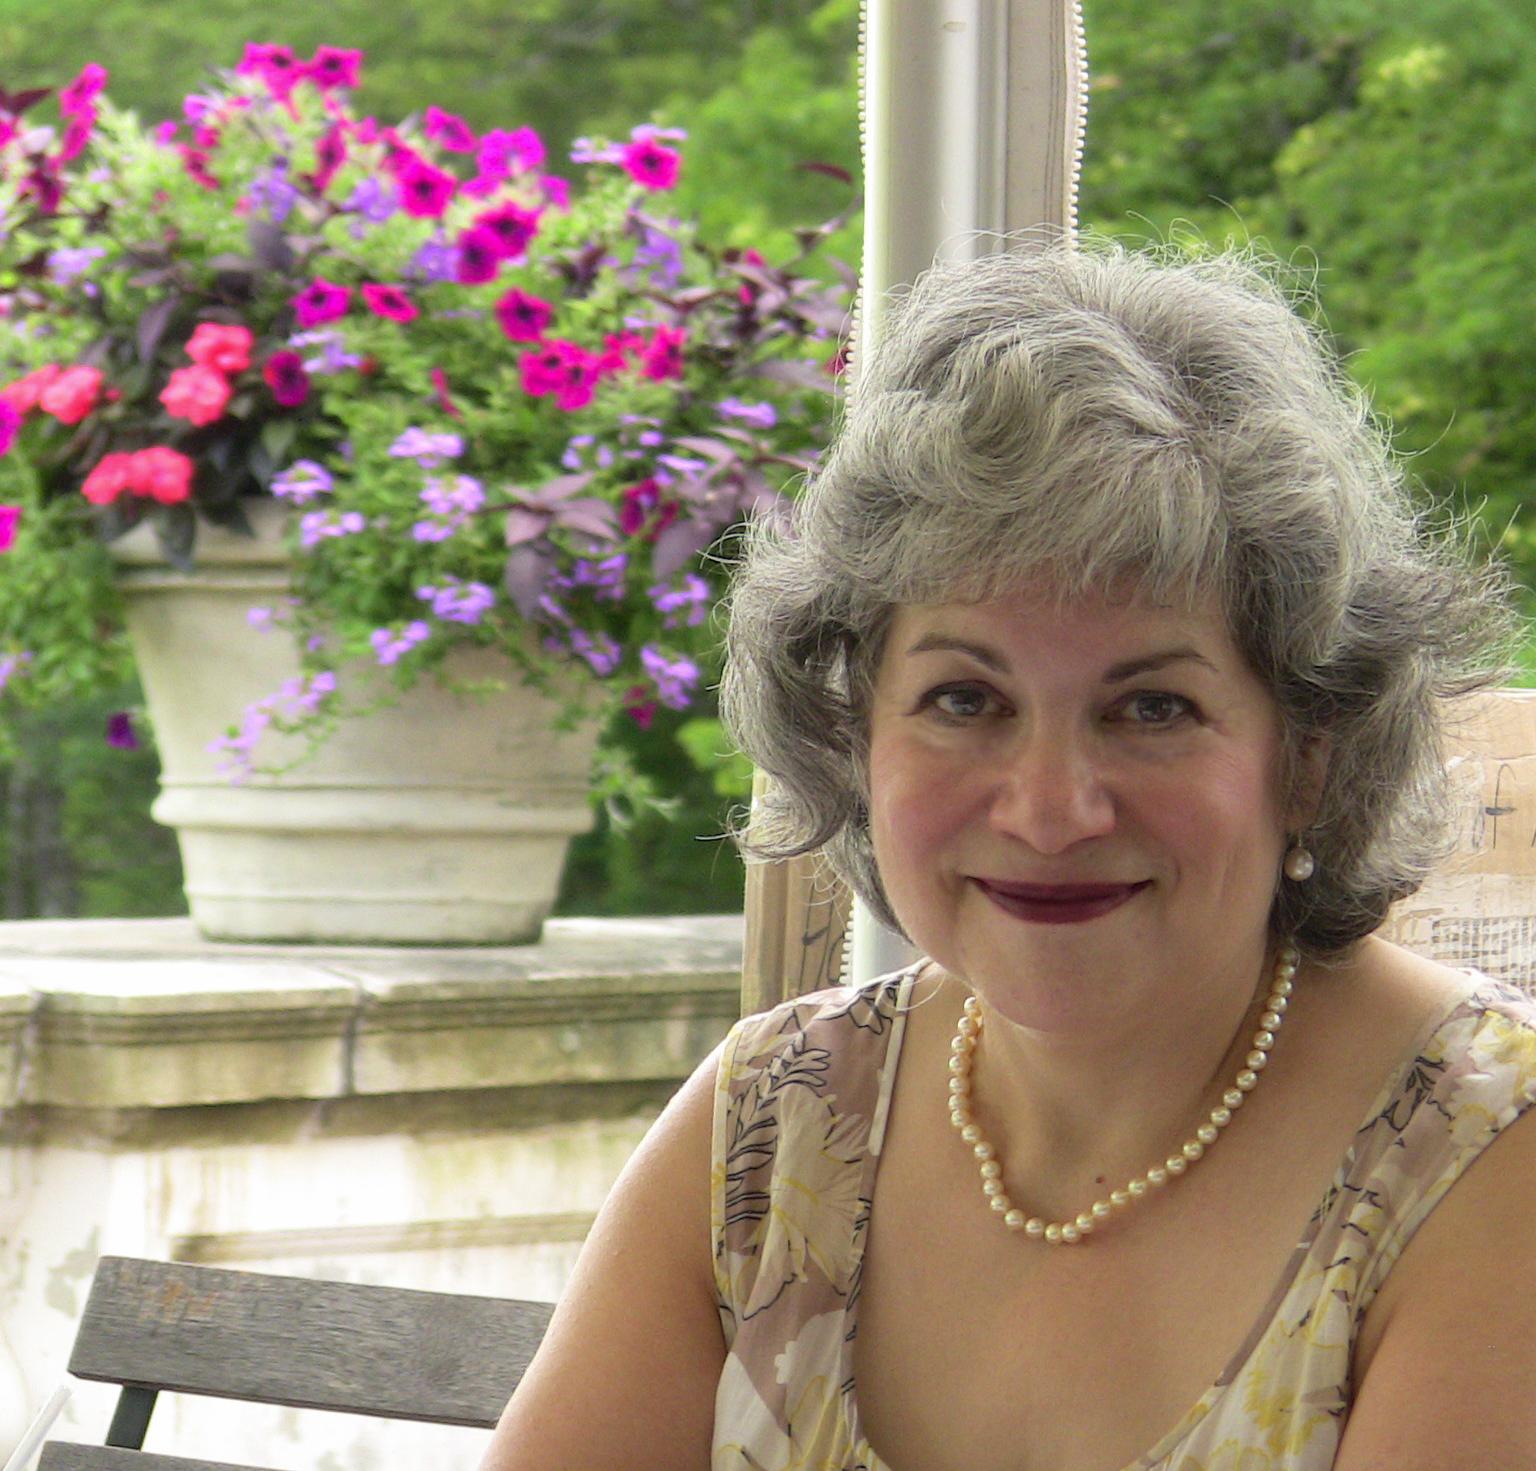 Bonnie Lynn Fields Bonnie Lynn Fields new photo